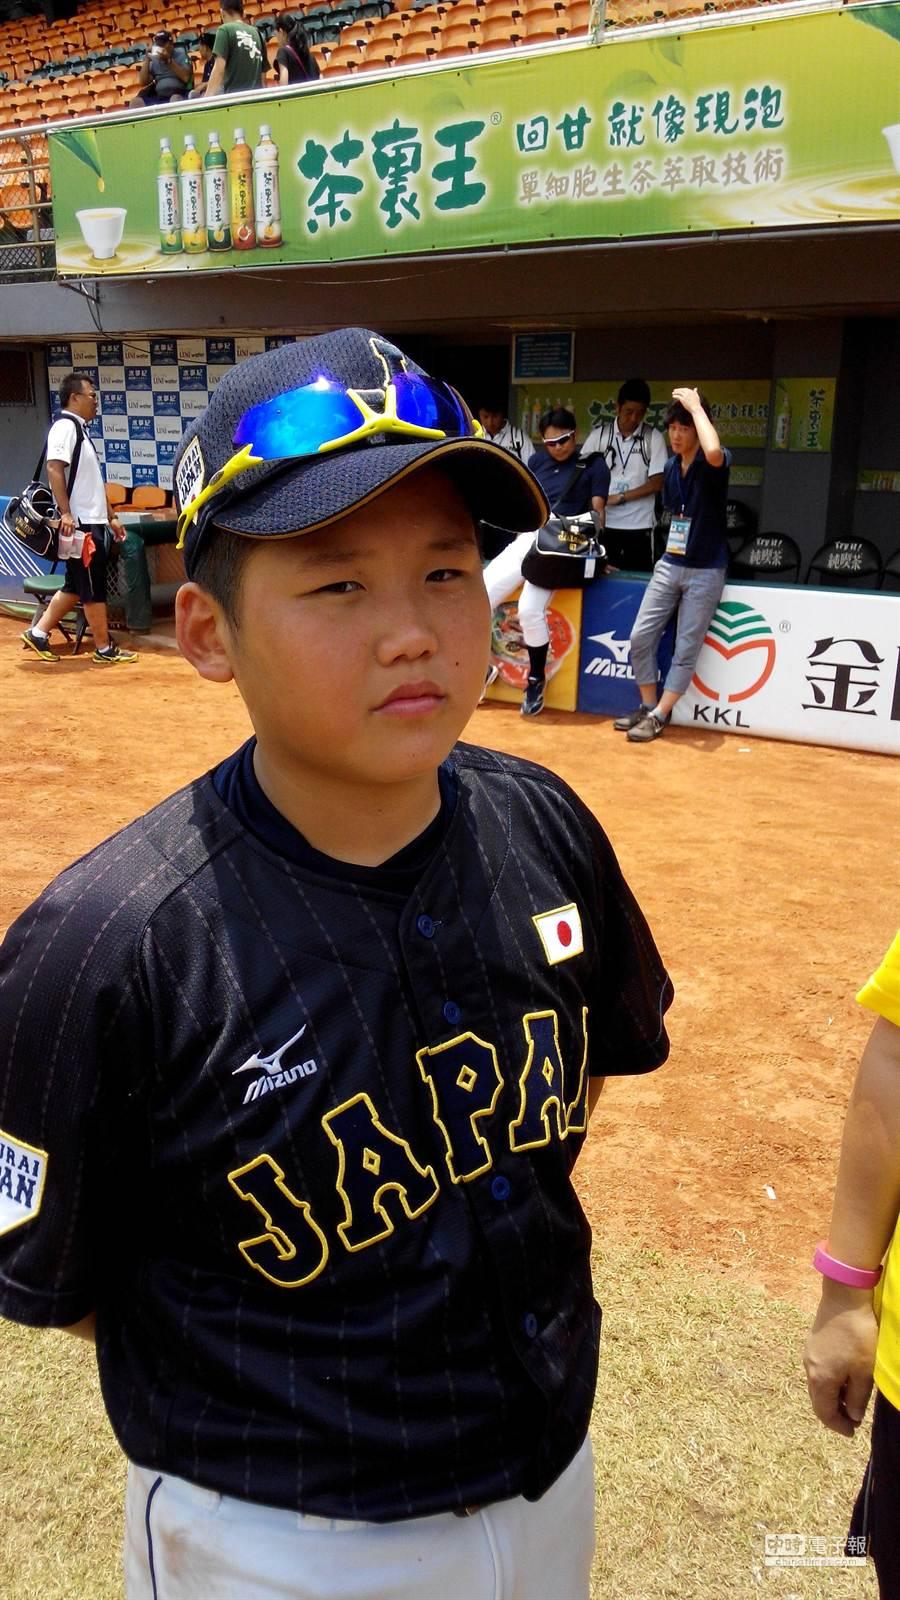 U12世界盃少棒賽日本隊第4棒西岡義晴覺得台灣的球迷很熱情。(廖德修攝)